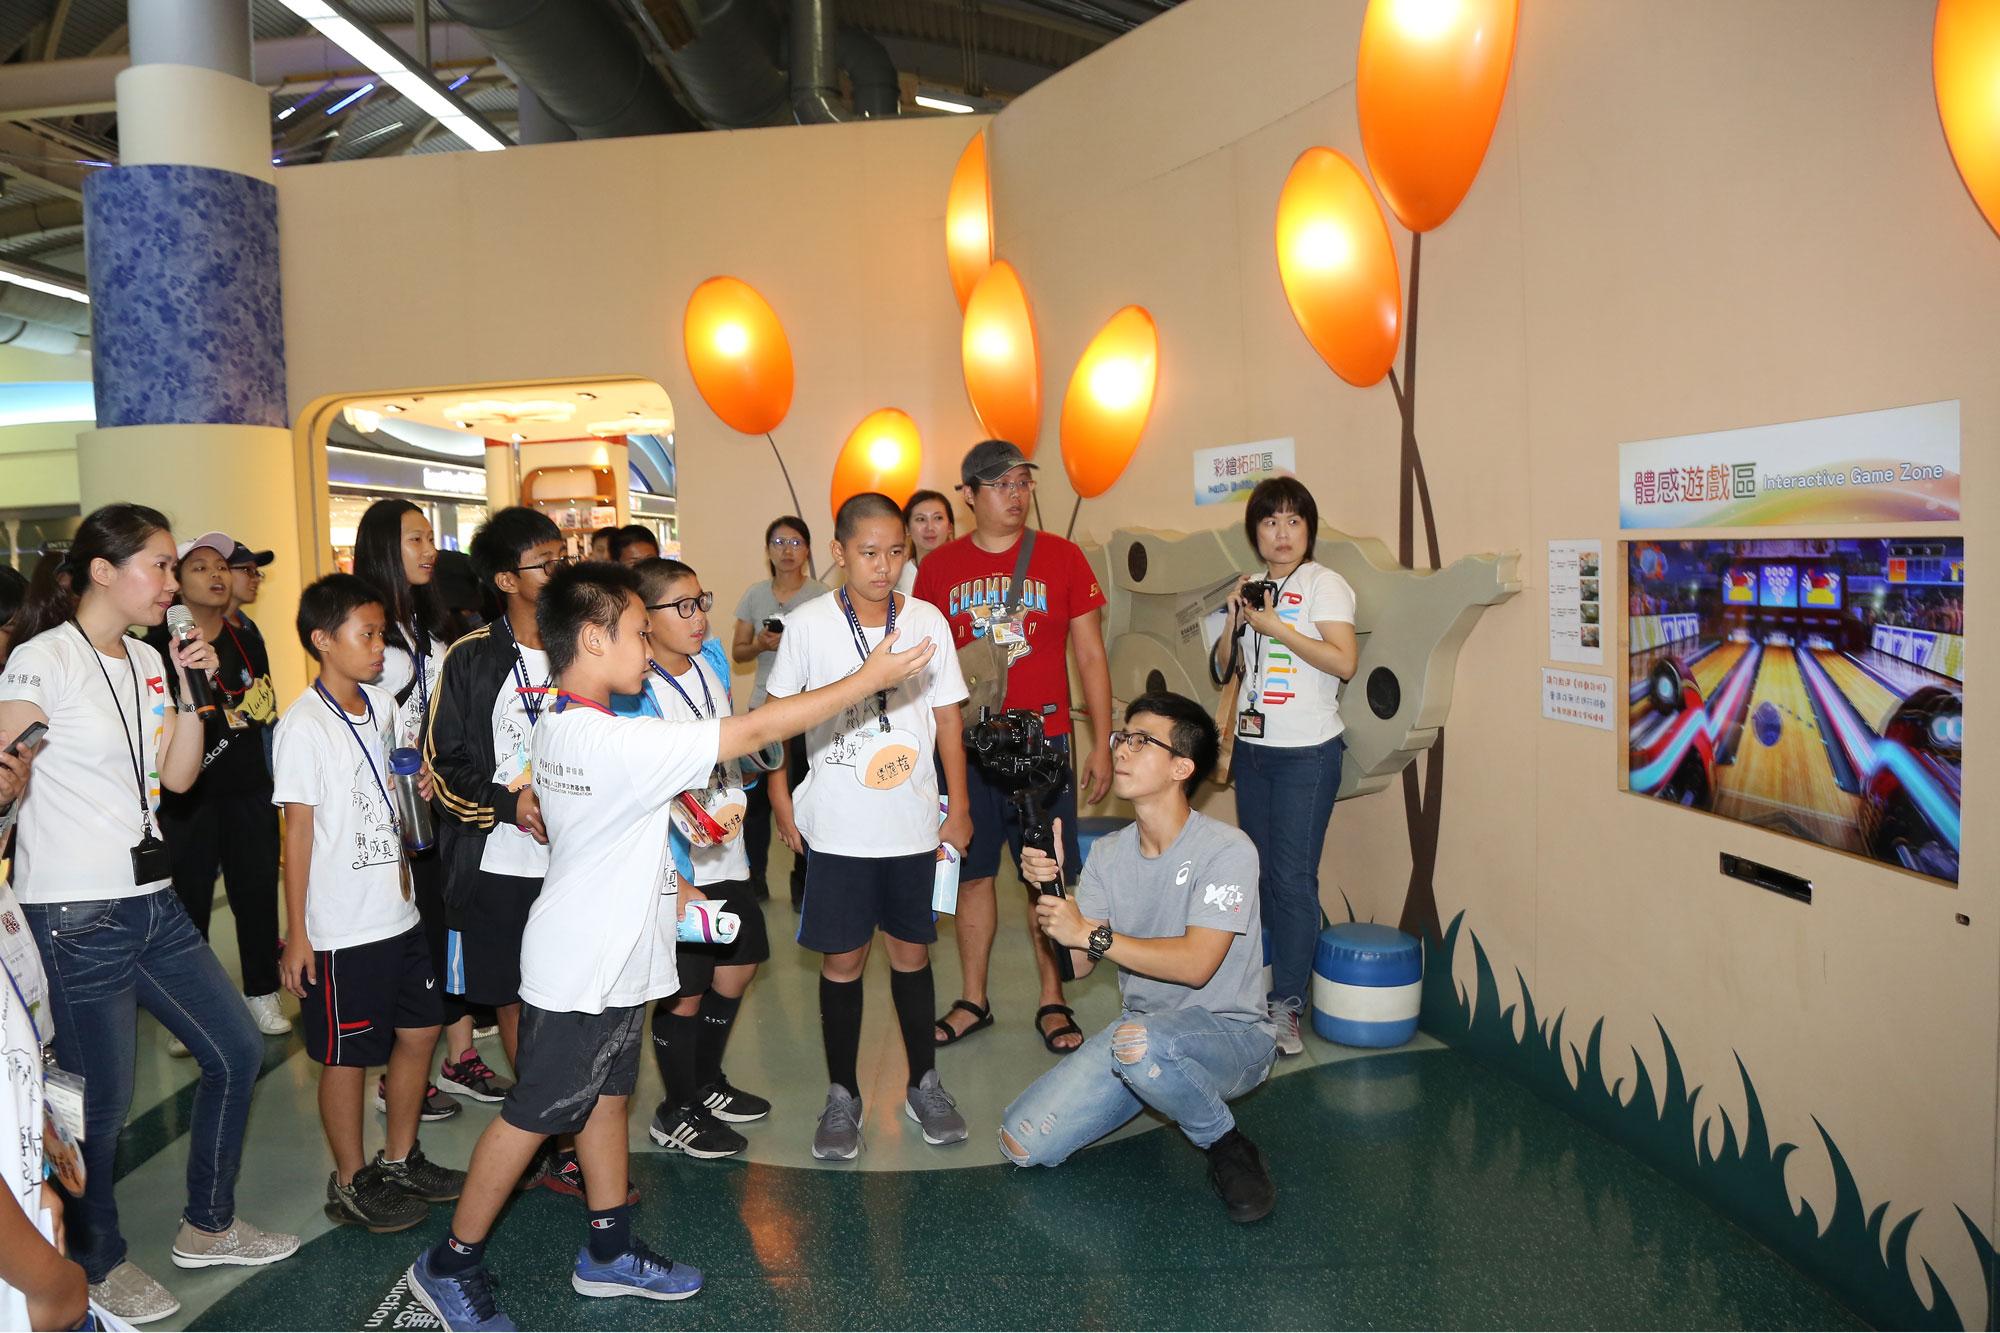 營隊第四天來到機場參訪,學員體驗機場智慧體感遊戲區